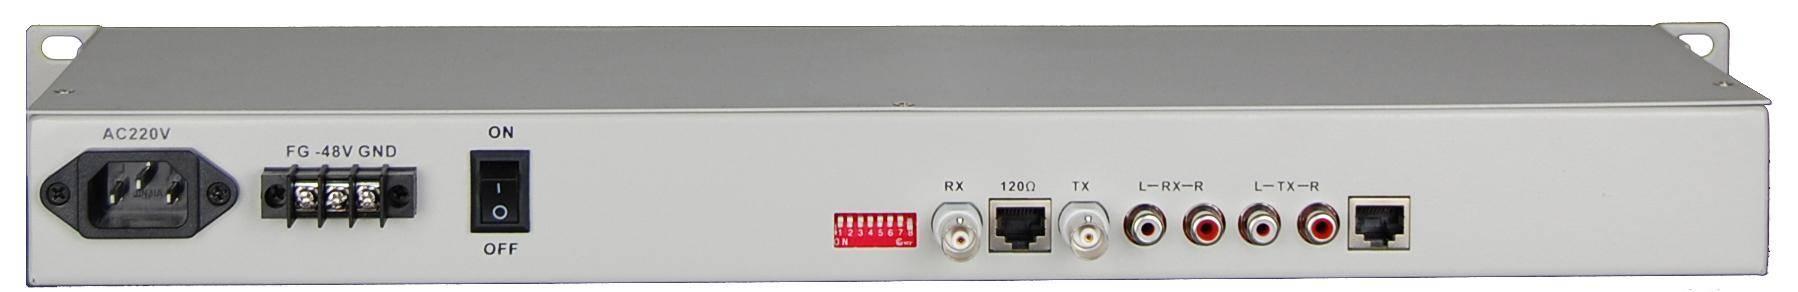 4 Ethernet FE+ 4RS232 +16*voice(POTs,Phone,FXS/FXO) E1 multiplexer